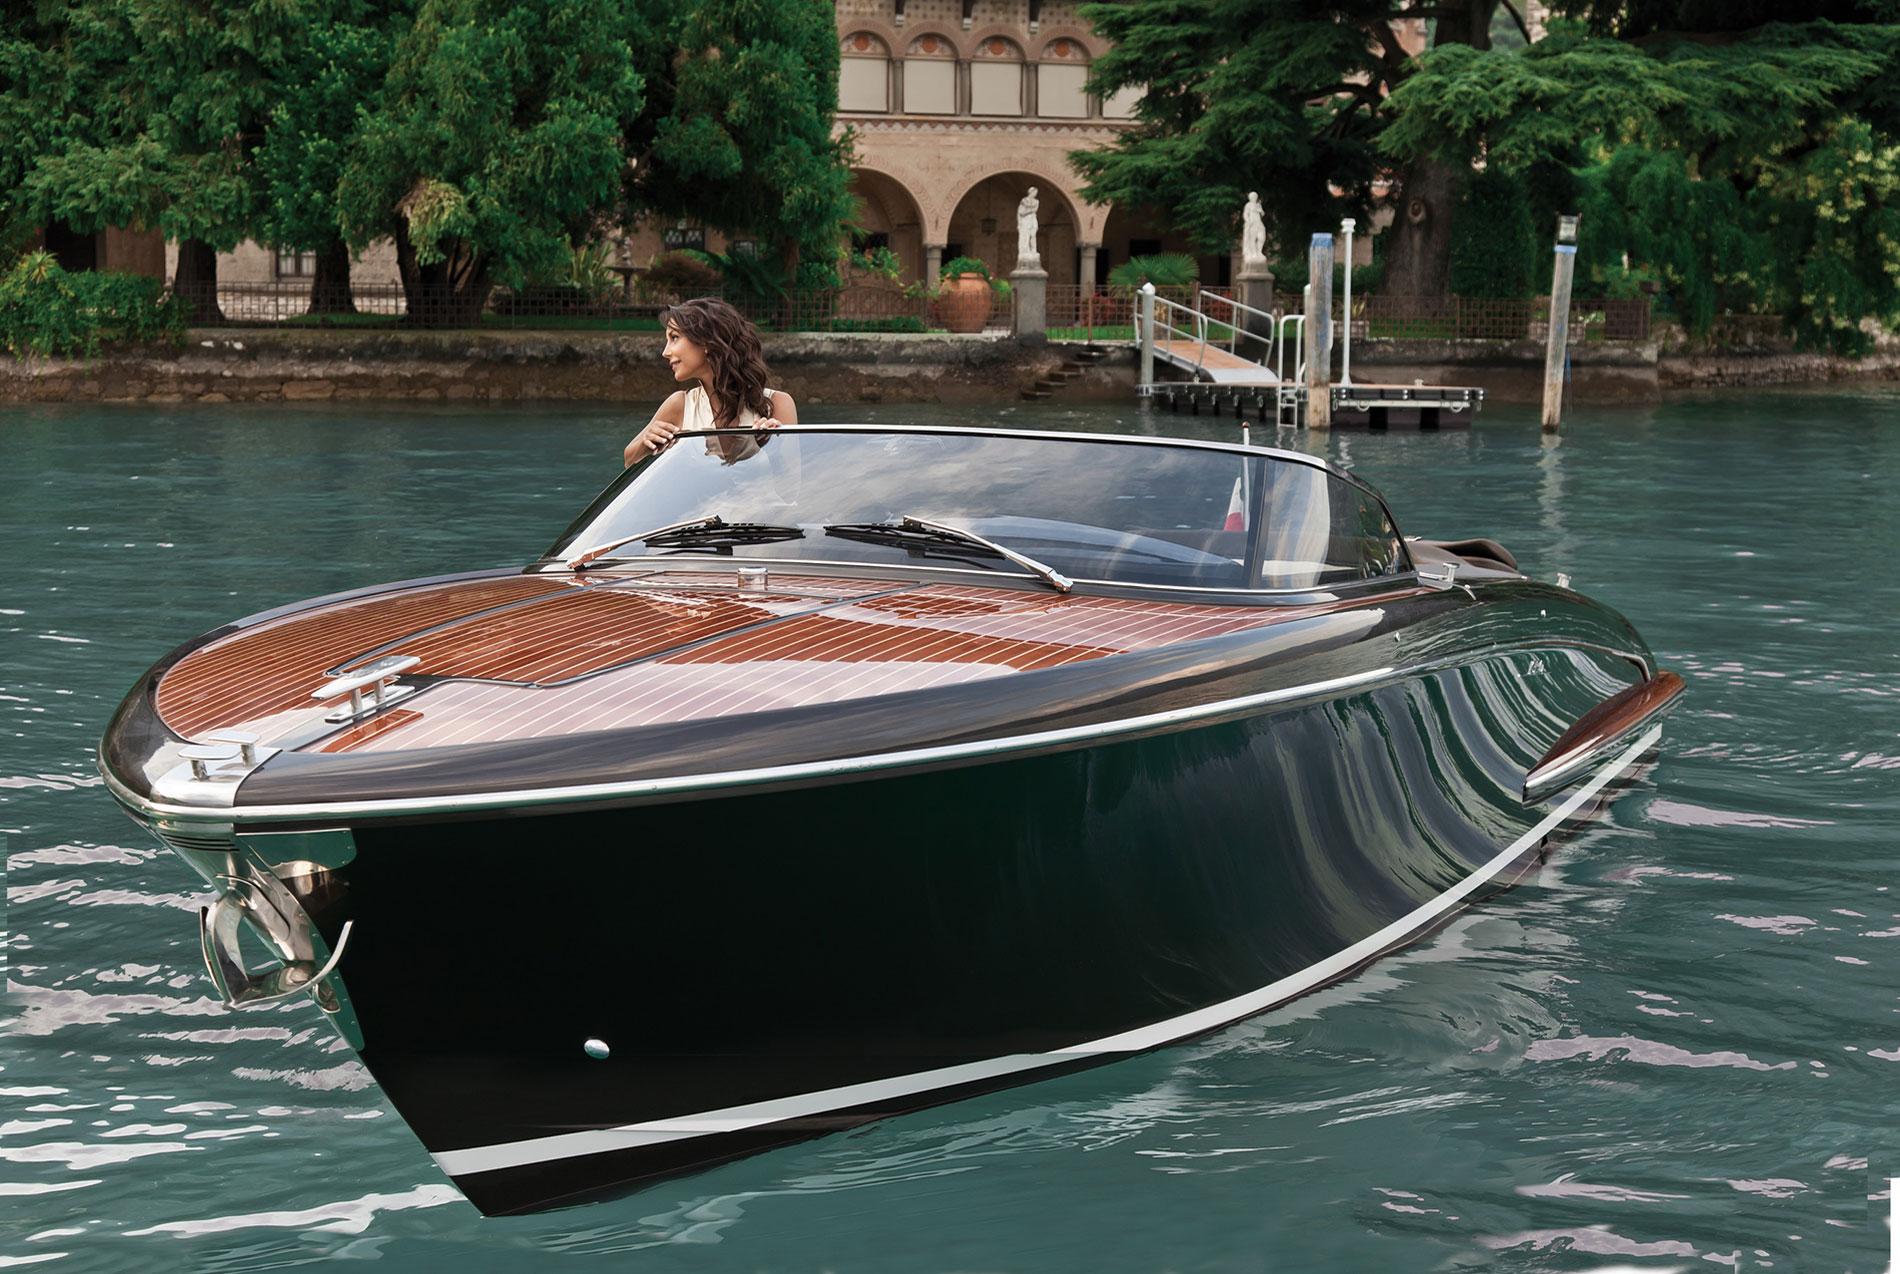 Riva Iseo   New Riva Yacht Sales   Inwards Marine